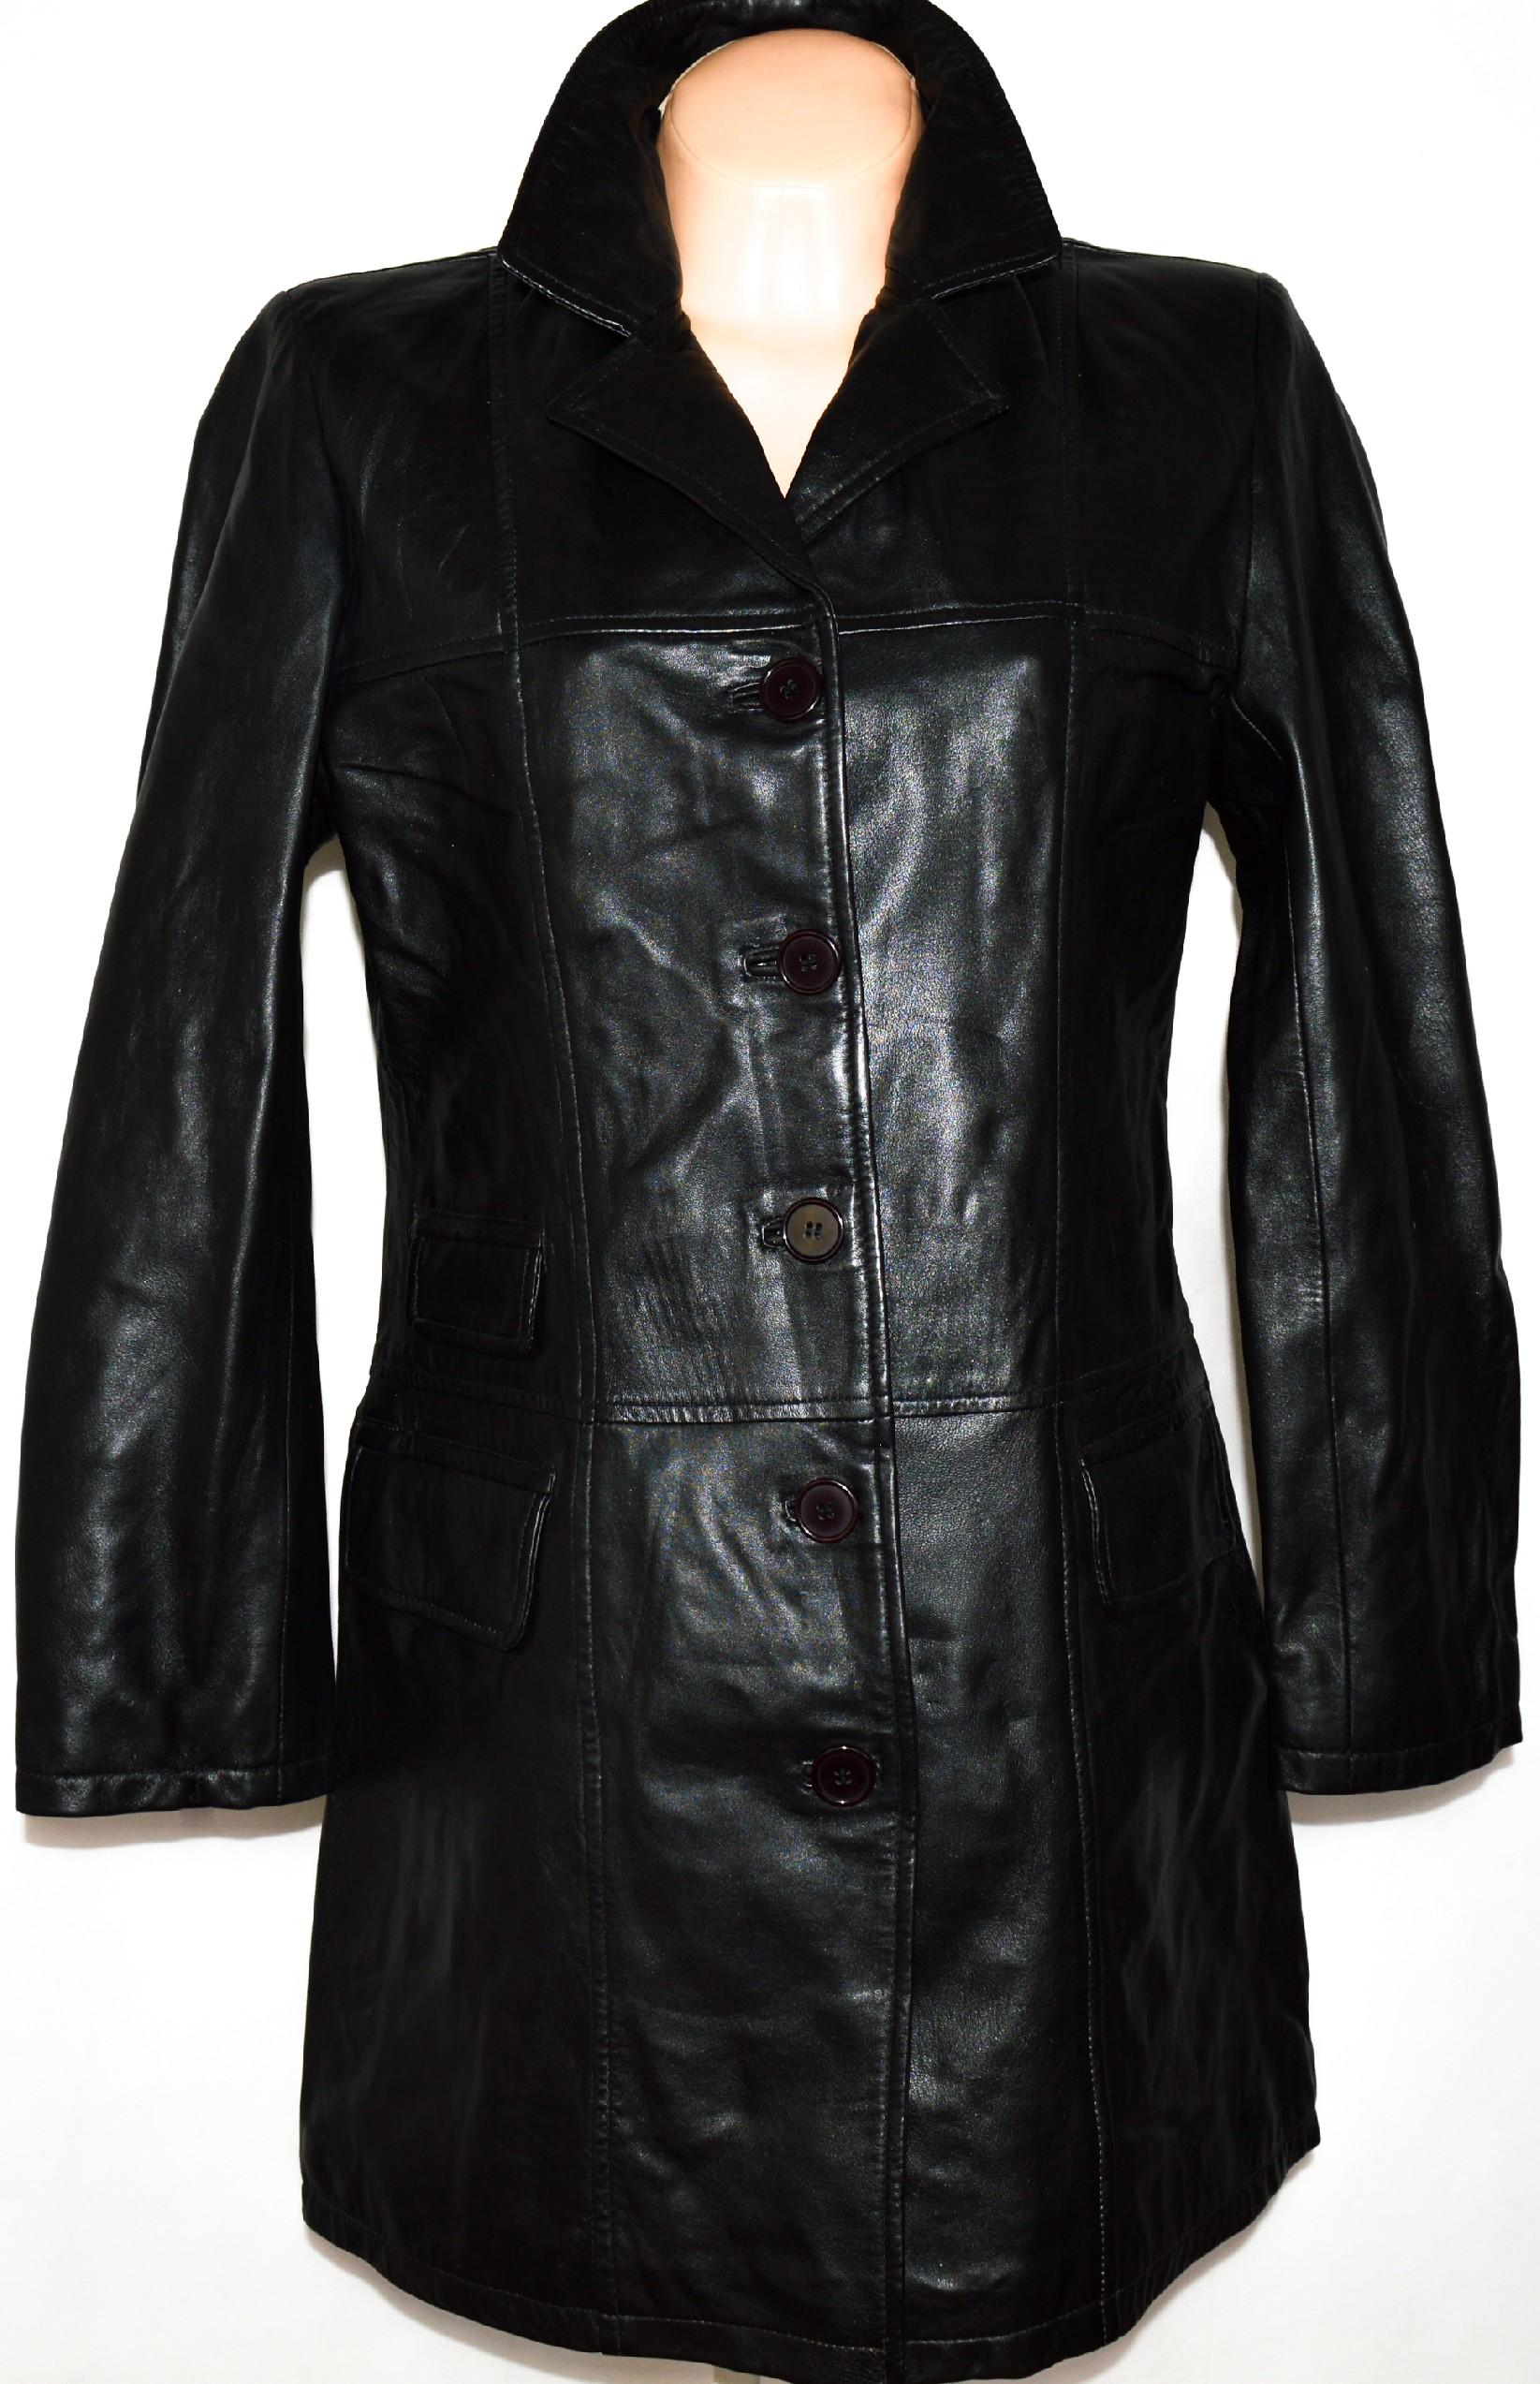 KOŽENÝ dámský černý měkkoučký kabát vel. L 9cbbde5263